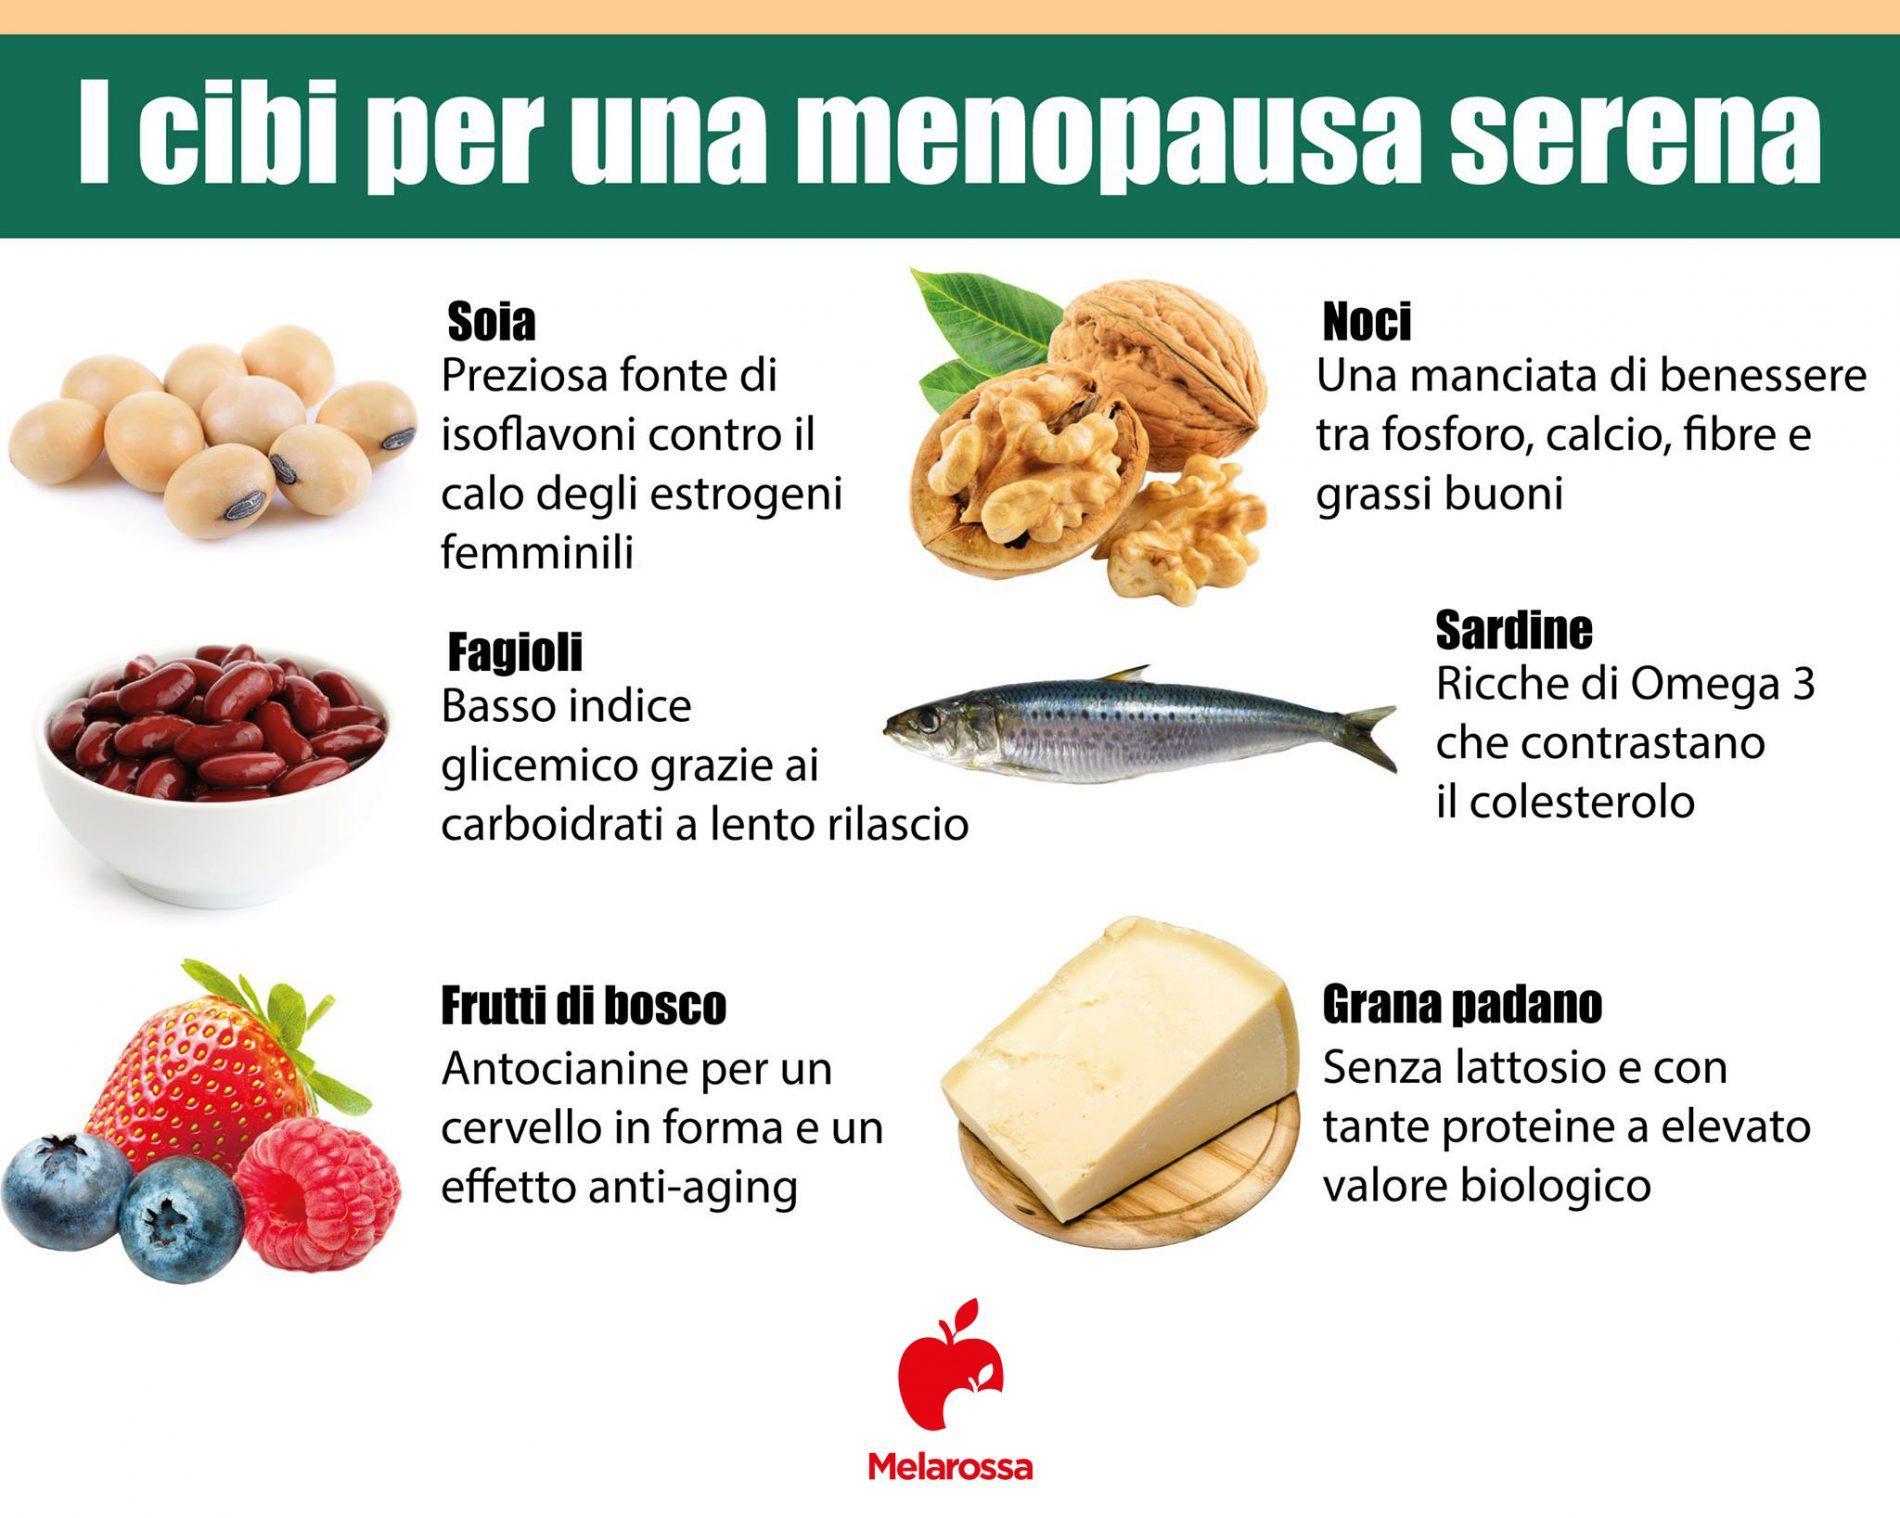 dieta in menopausa: cibi per alleviare  i sintomi